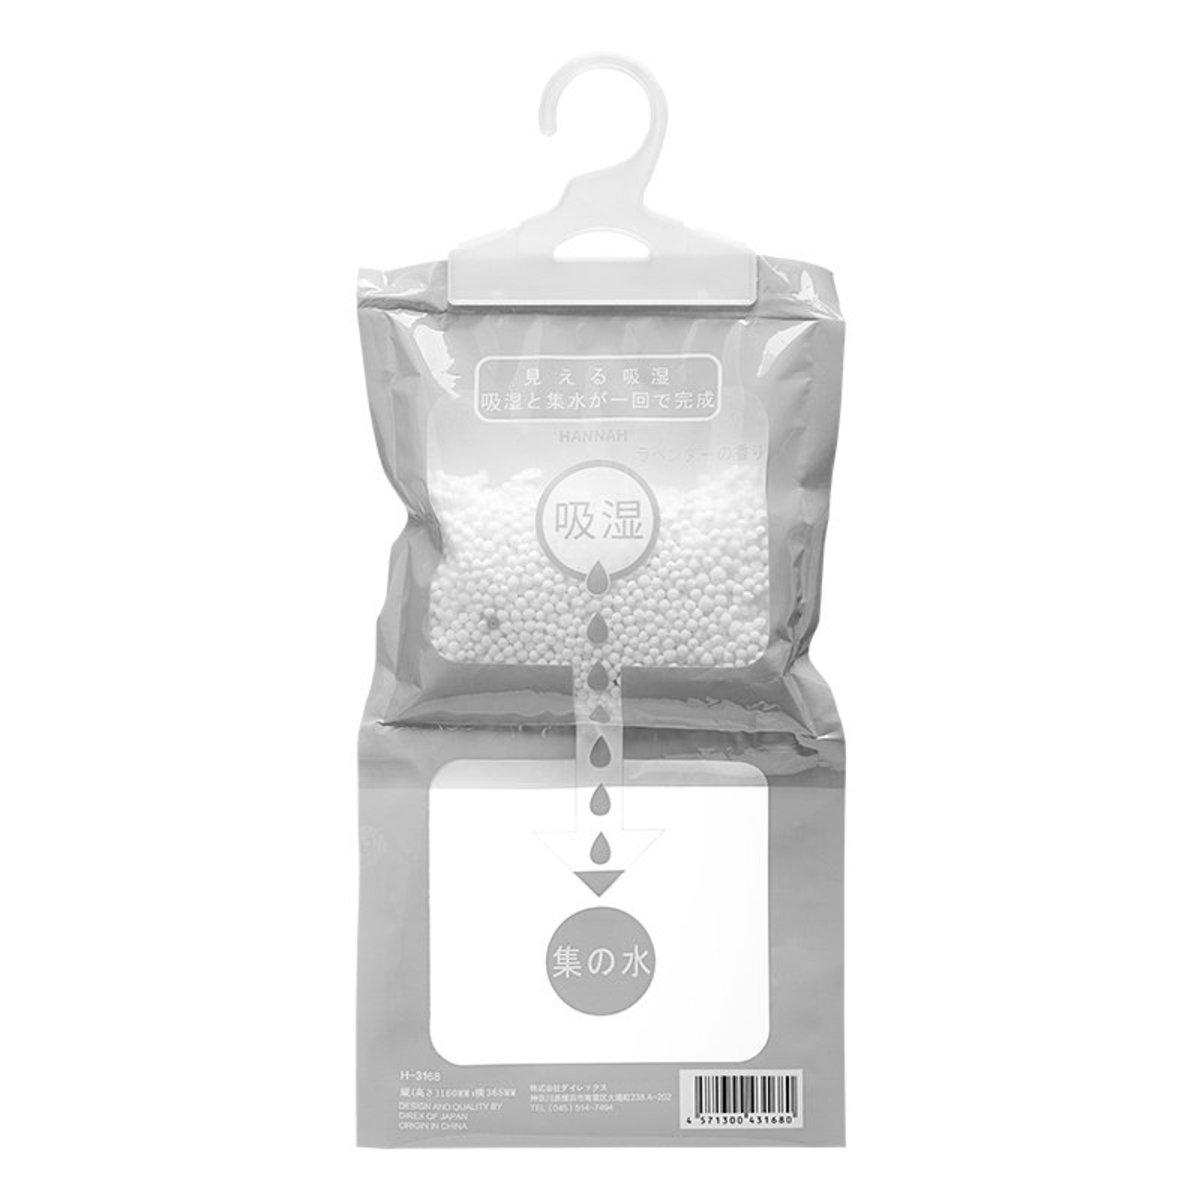 自然芳香可掛式衣櫃除濕防潮劑 - 單包裝